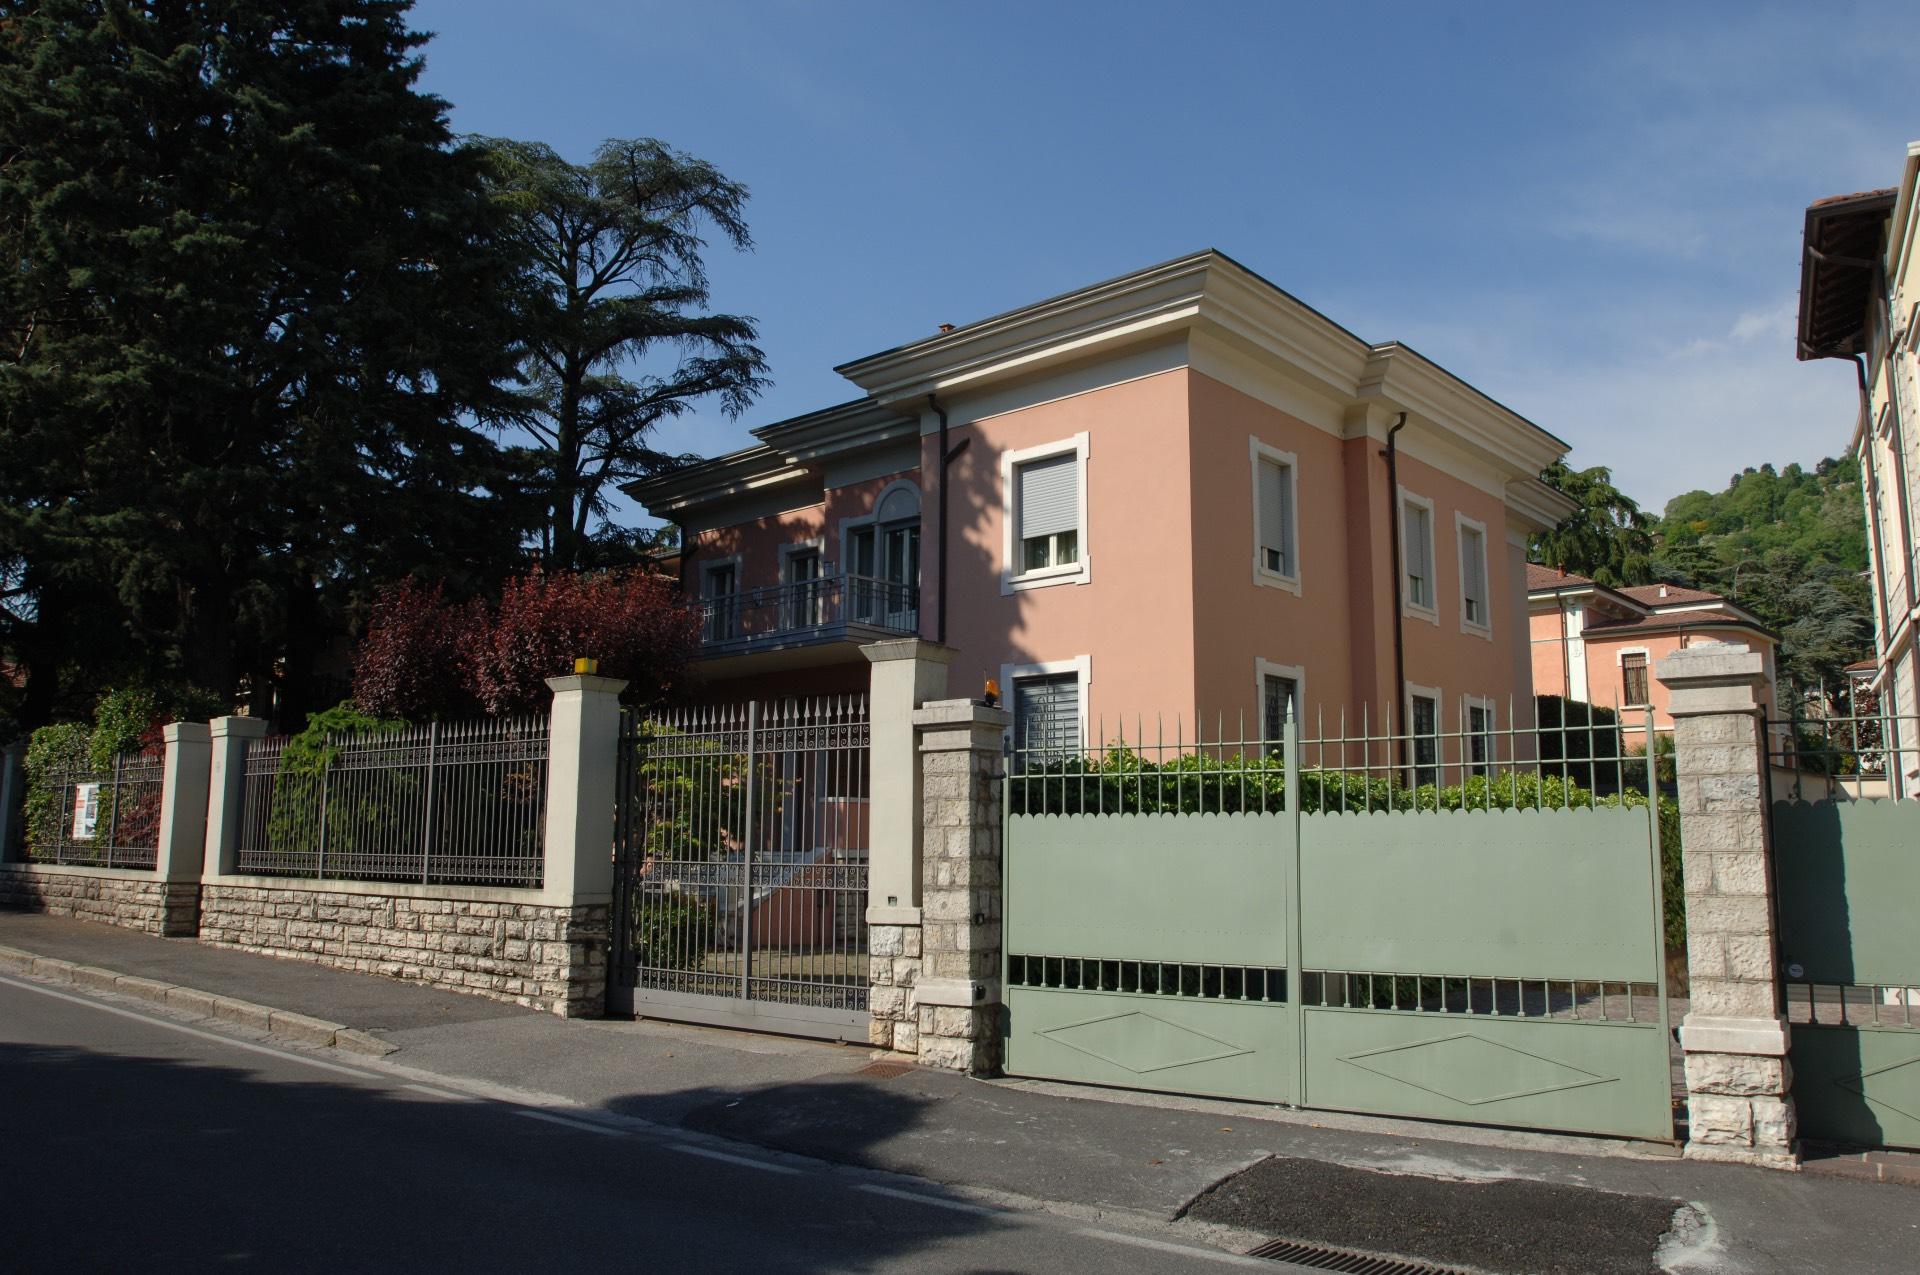 Attico / Mansarda in vendita a Brescia, 4 locali, zona Località: 3-PORTAVENEZIA,PANORAMICA,VIALEBORNATA, prezzo € 570.000 | Cambio Casa.it